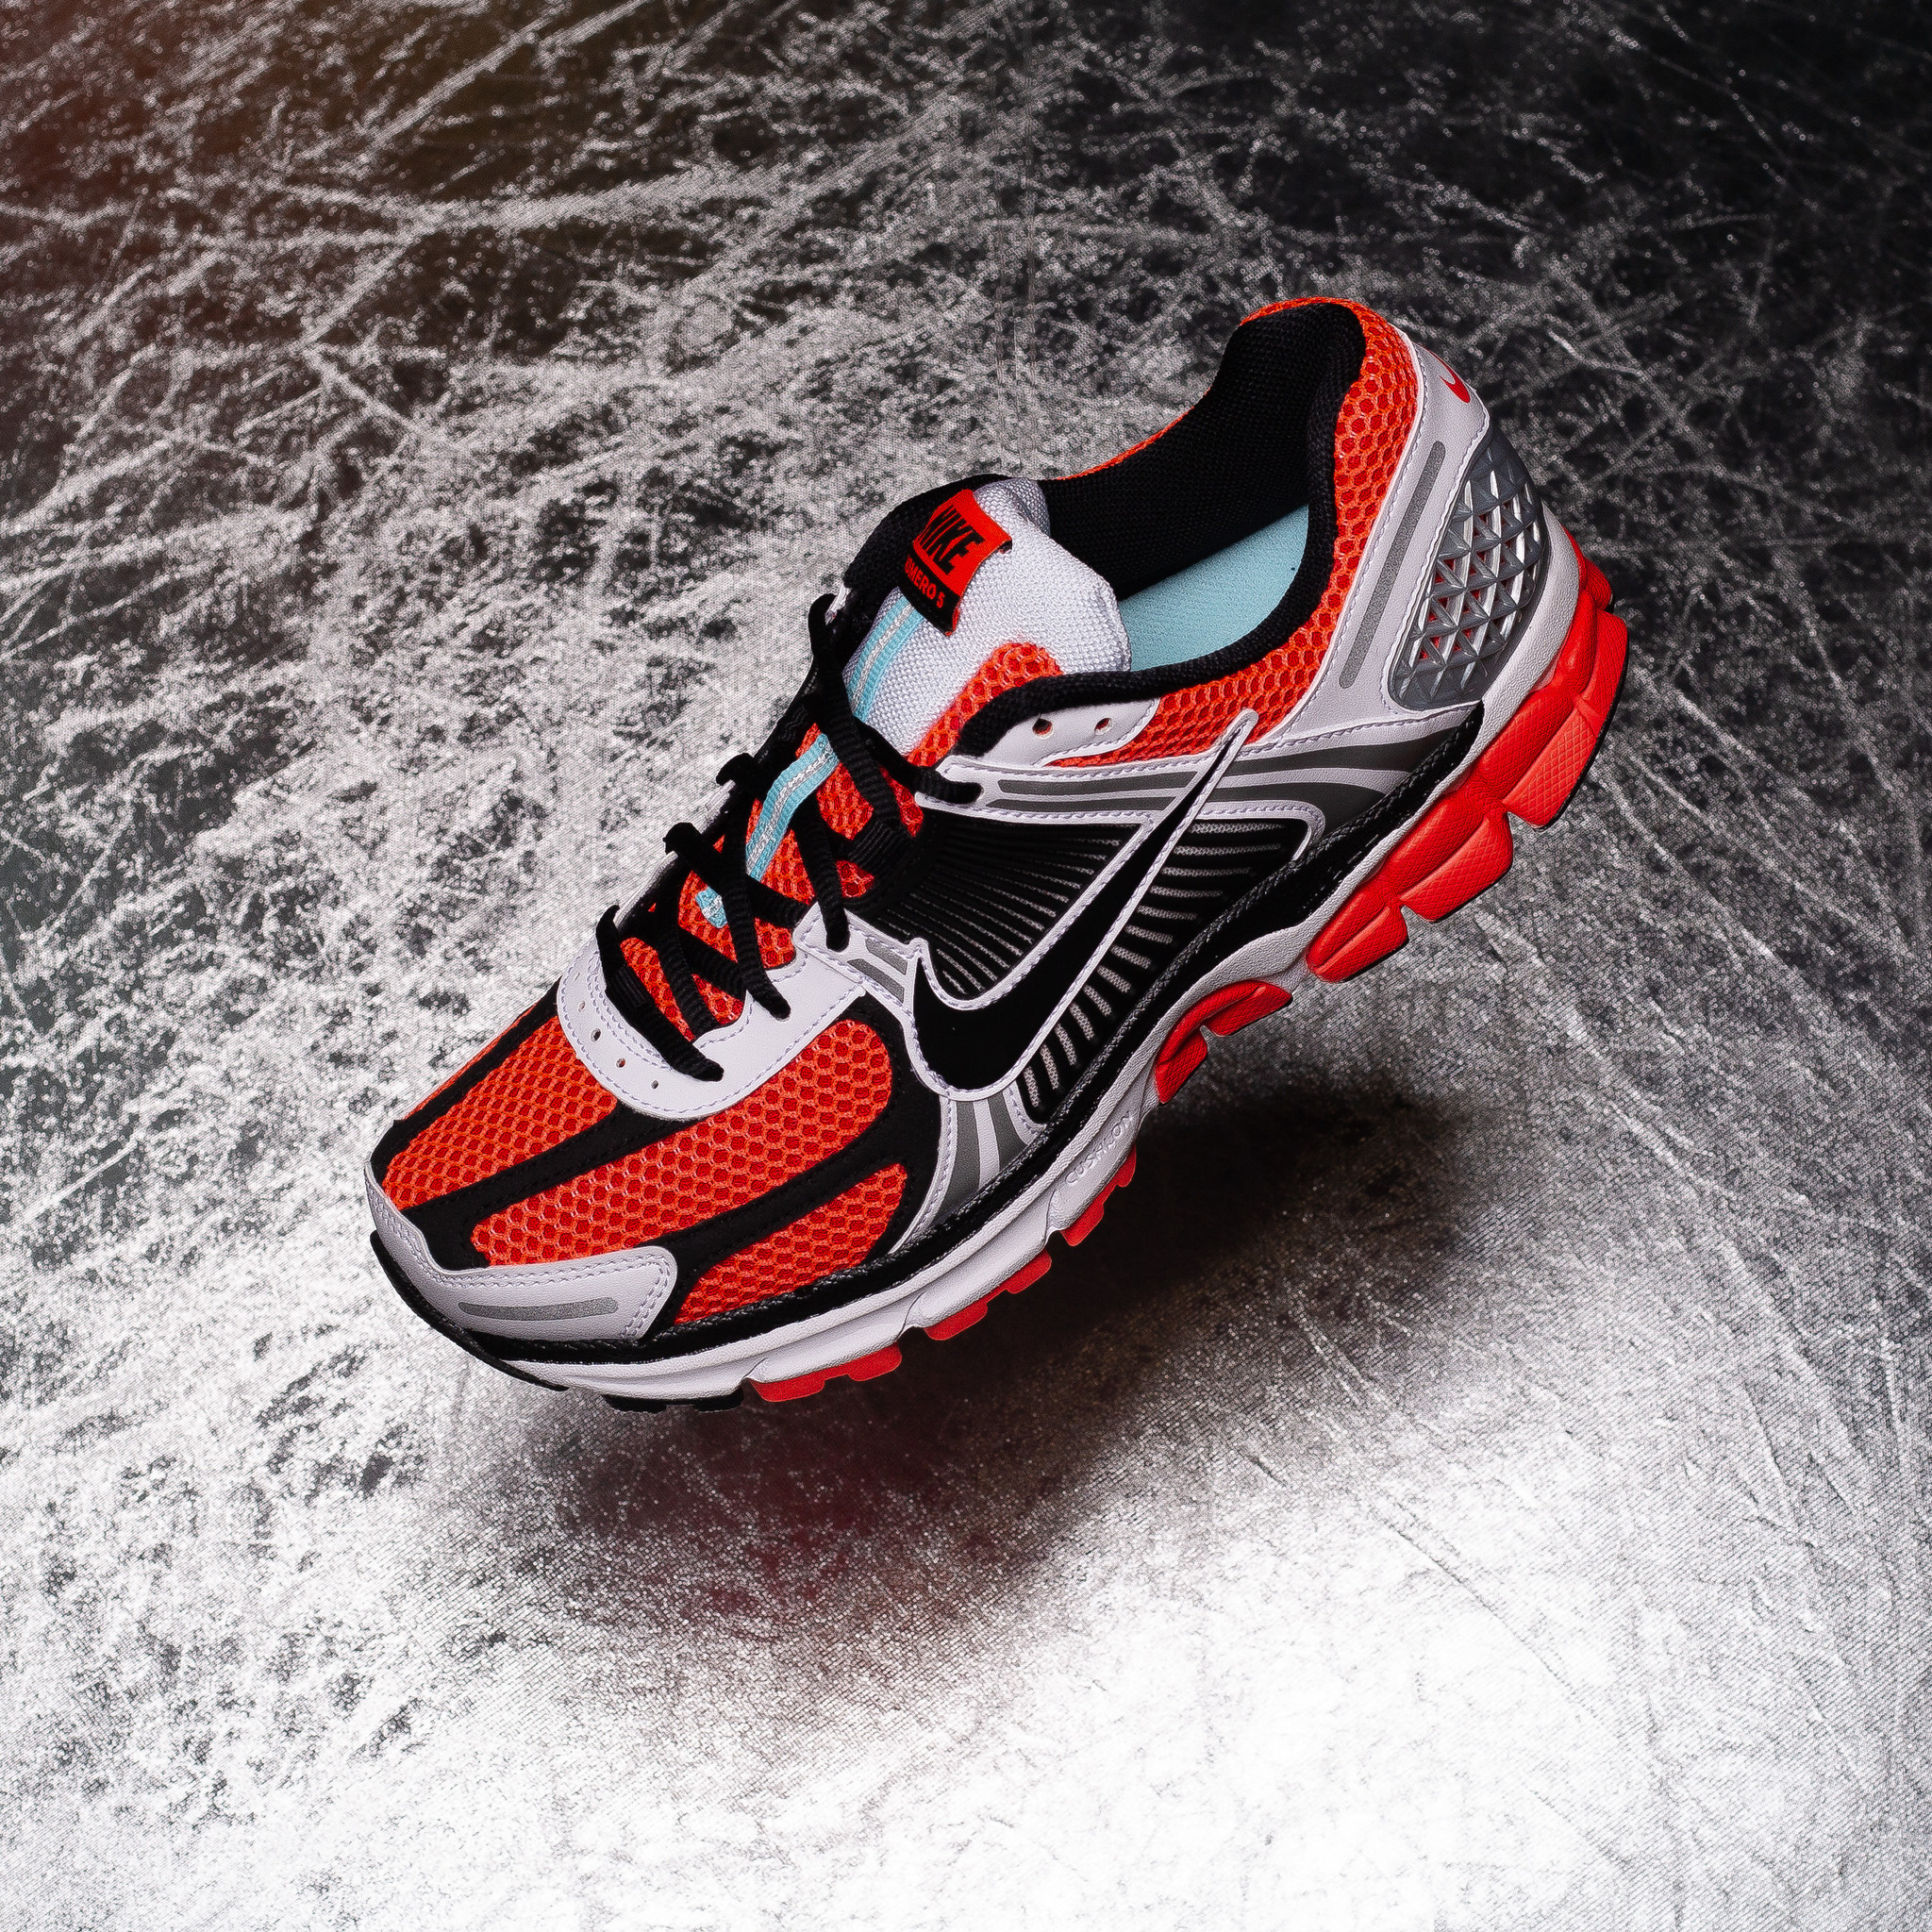 Nike Vomero 5 Bright Crimson